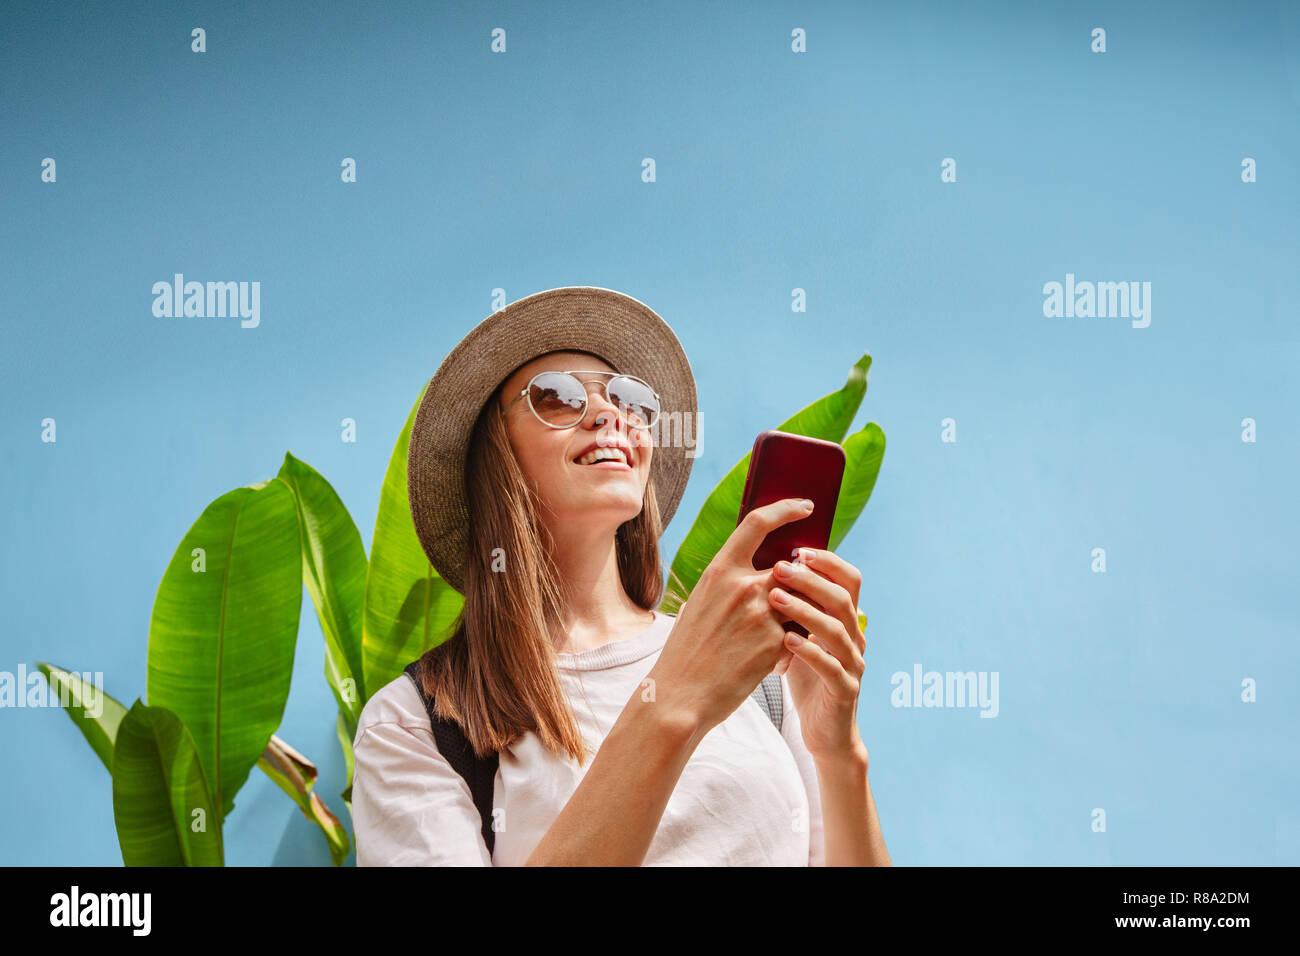 Eccitato giovane femmina in vacanza utilizza smartphone Immagini Stock